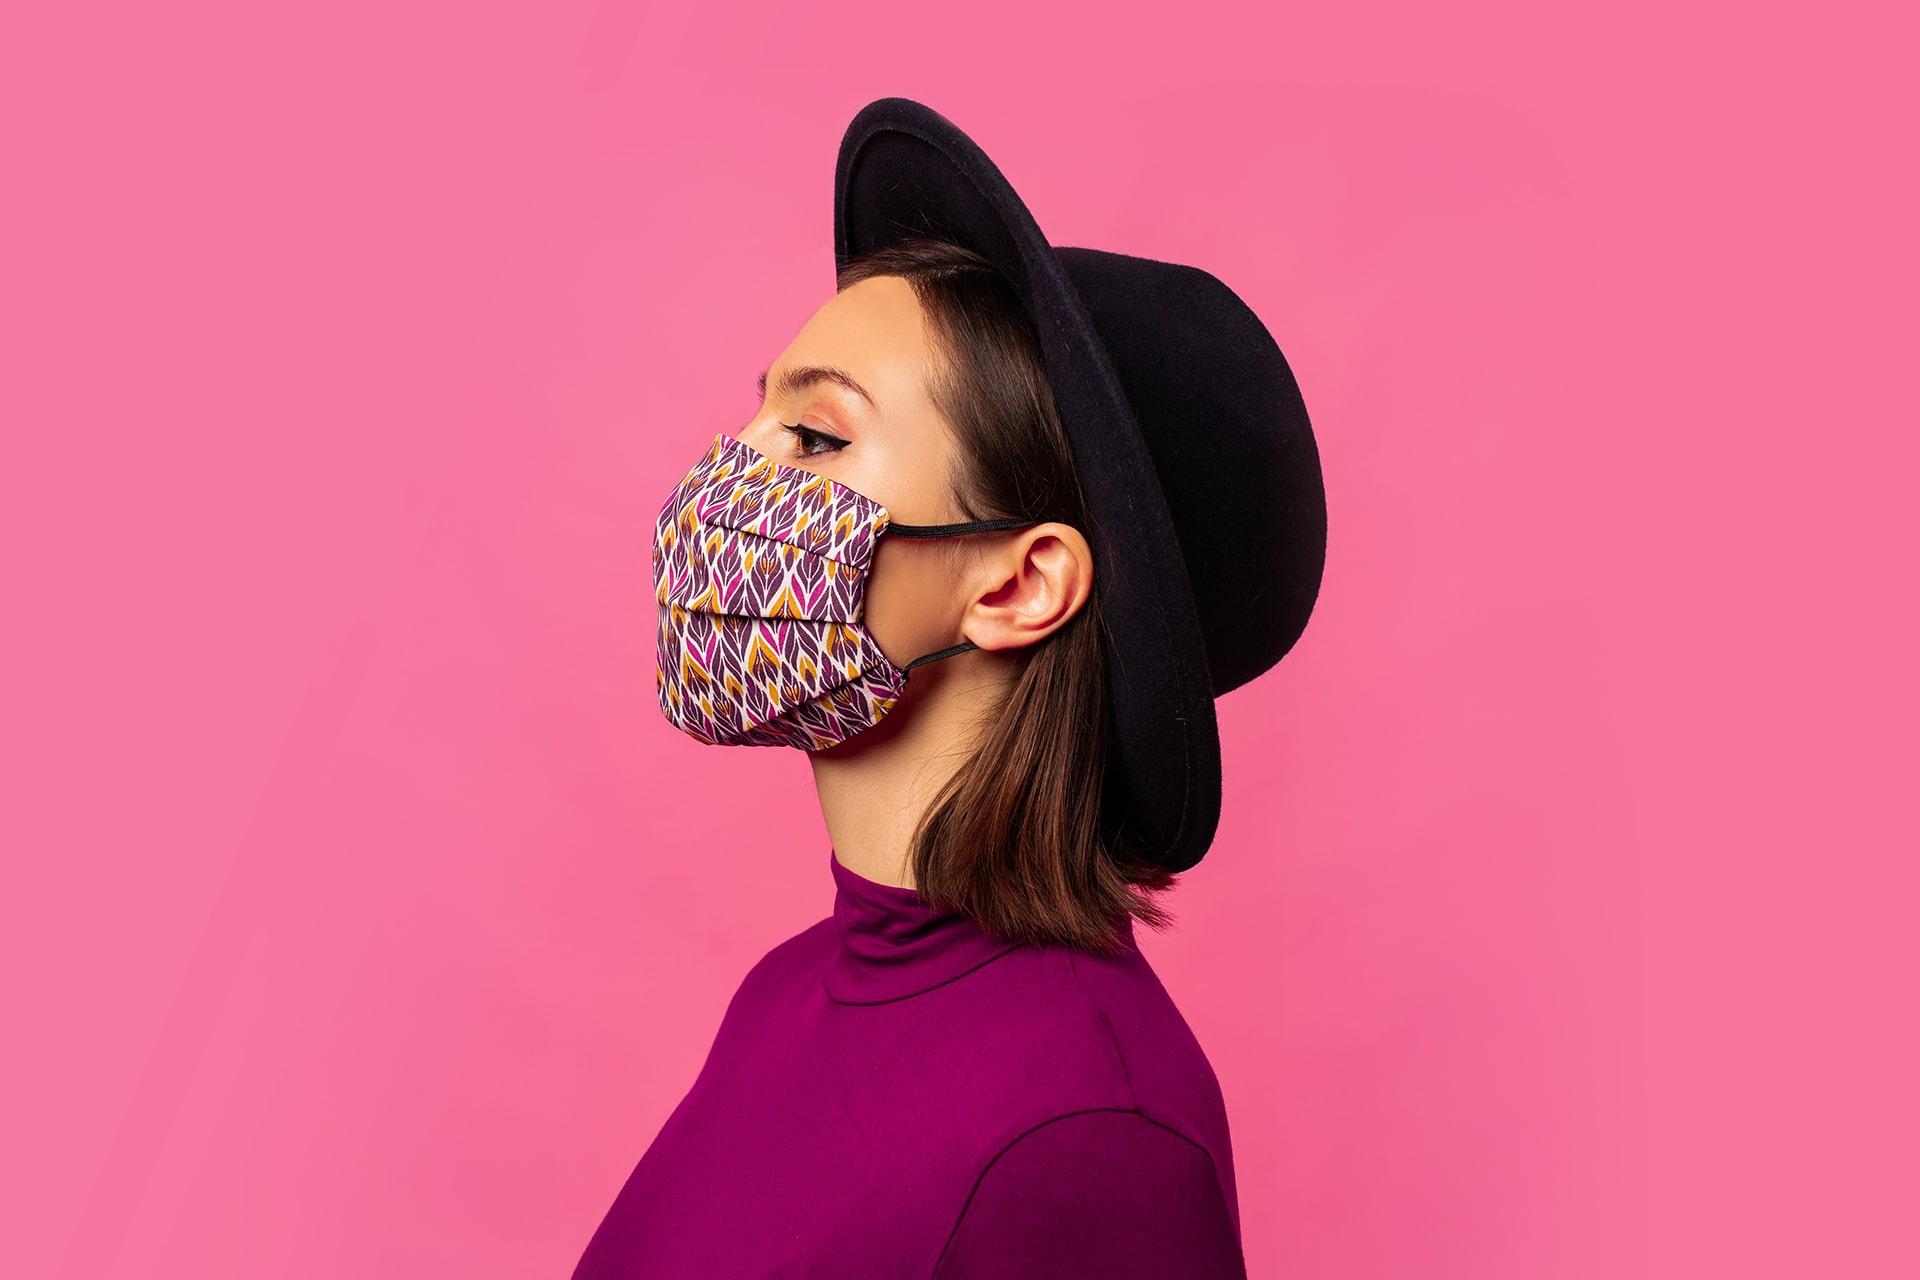 COVID-19: cuidado de la piel por el uso de mascarillas